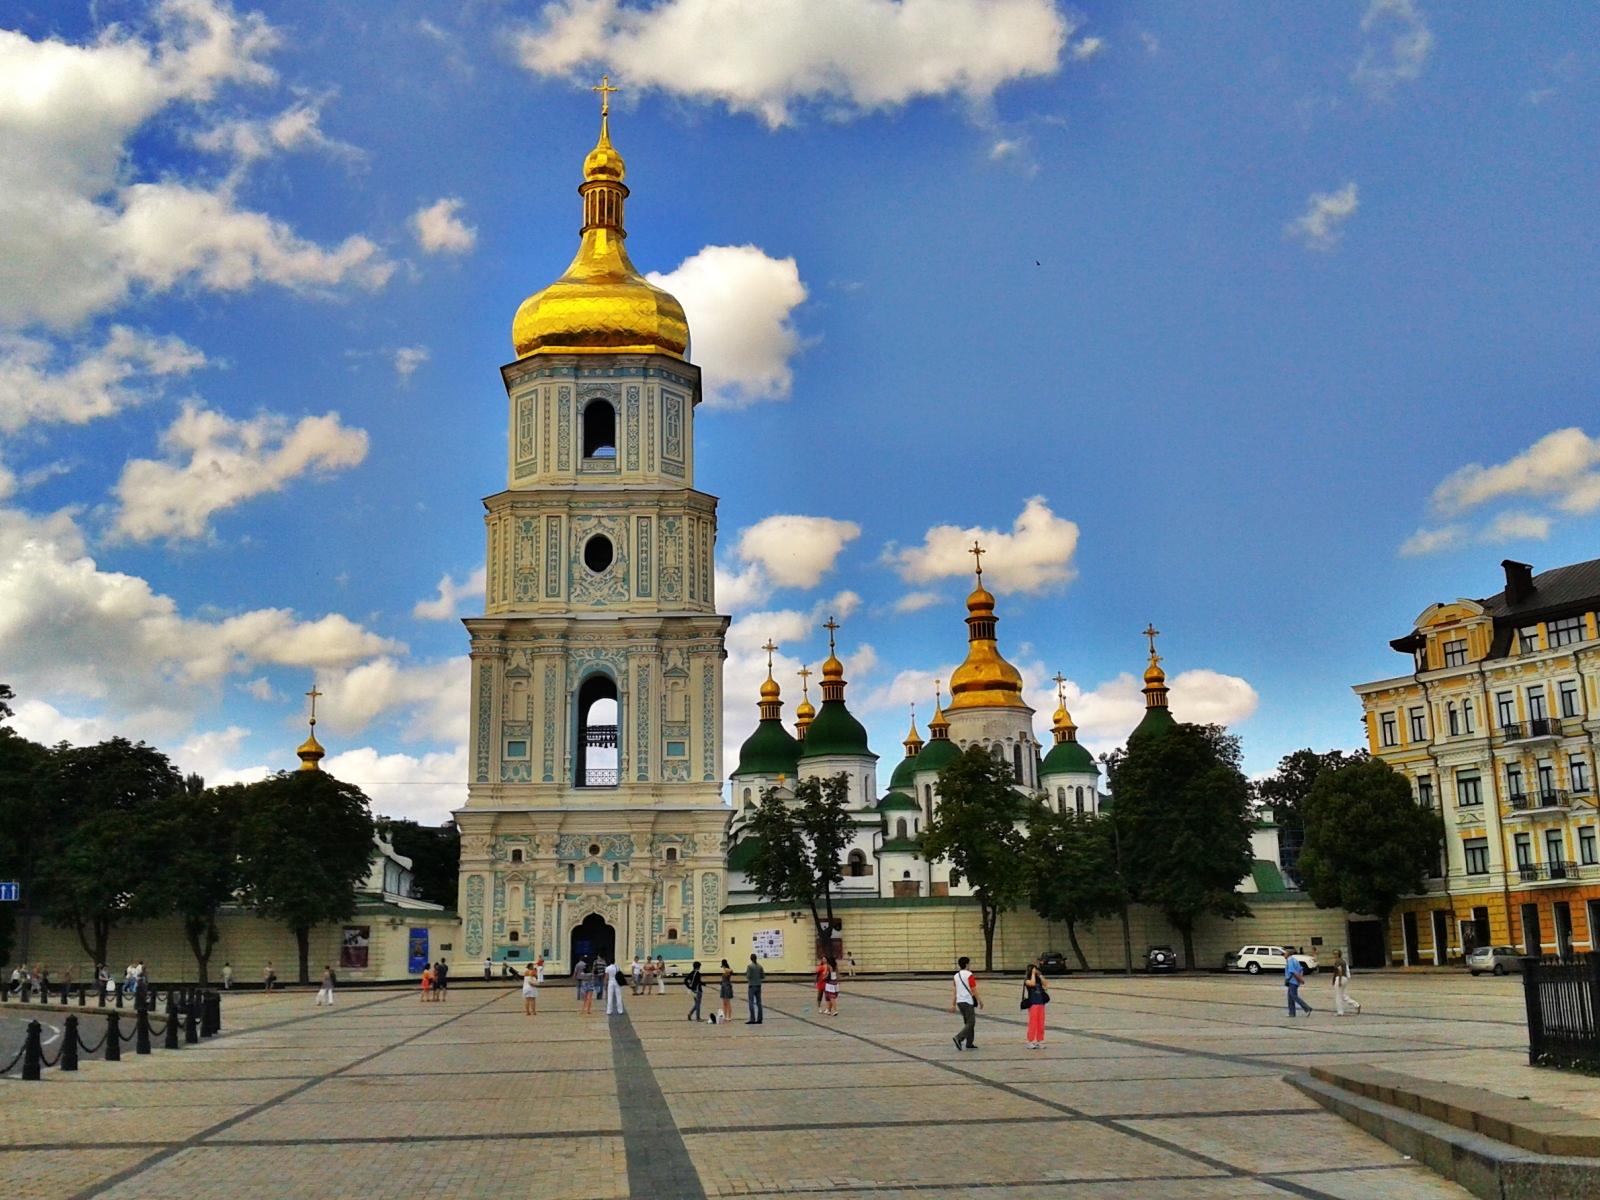 Київ опинився серед лідерів: шосте місце у рейтингу ефективності інвестицій у Європі